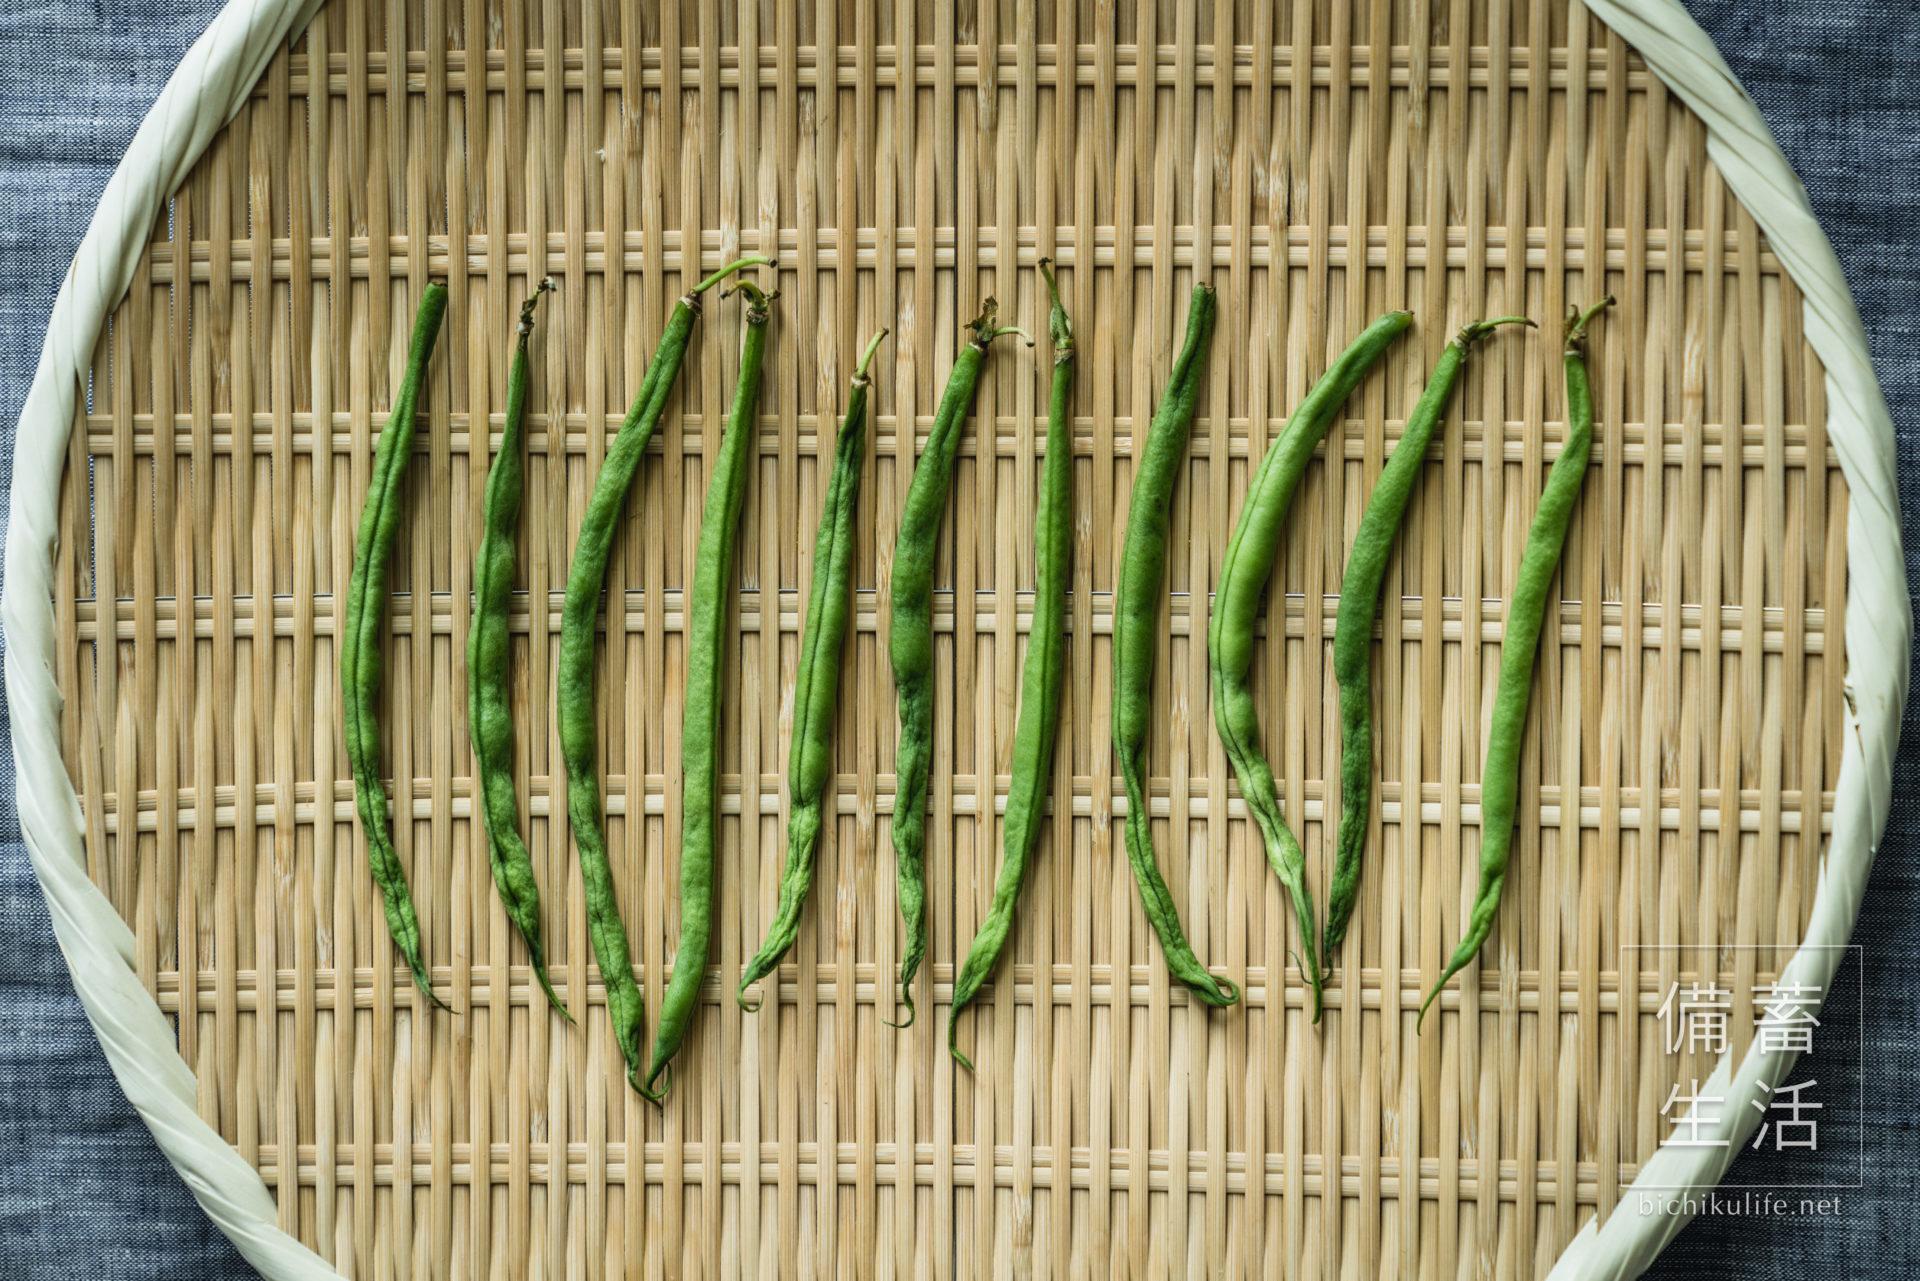 さやいんげん 干し野菜づくり -干しサヤインゲン-